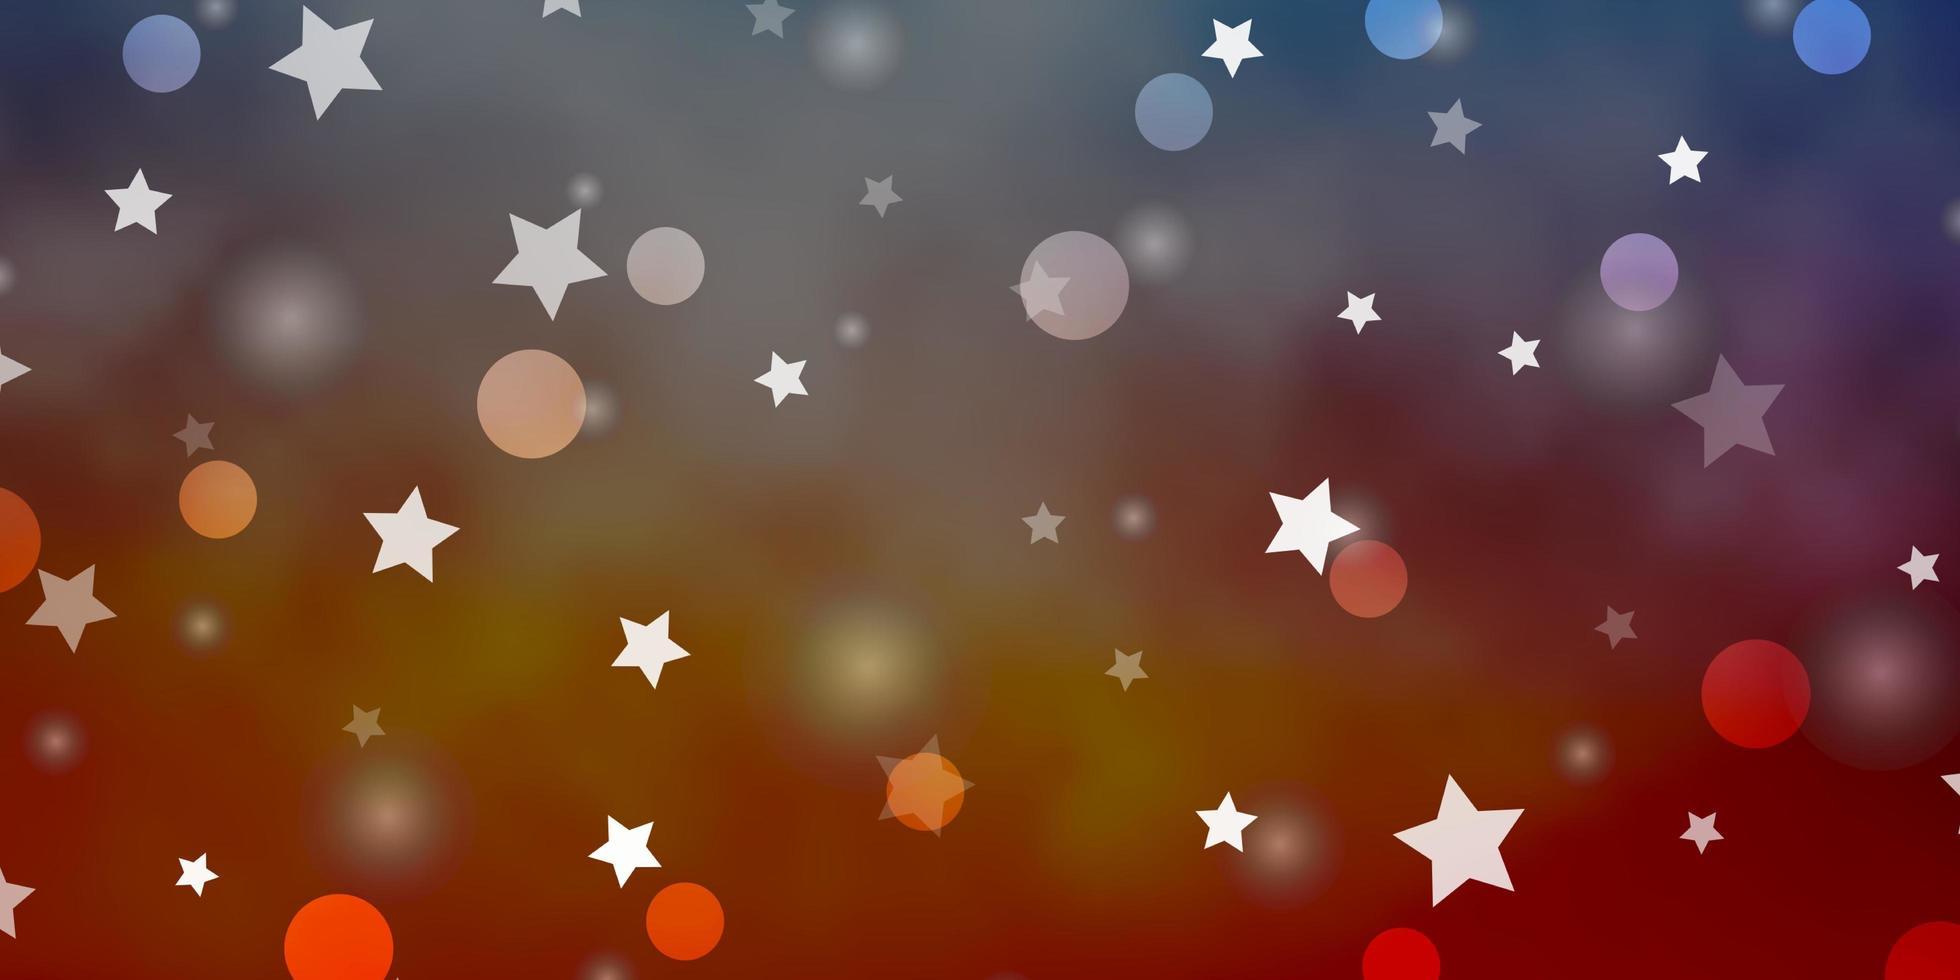 lichtblauw, rood vectorpatroon met cirkels, sterren. vector